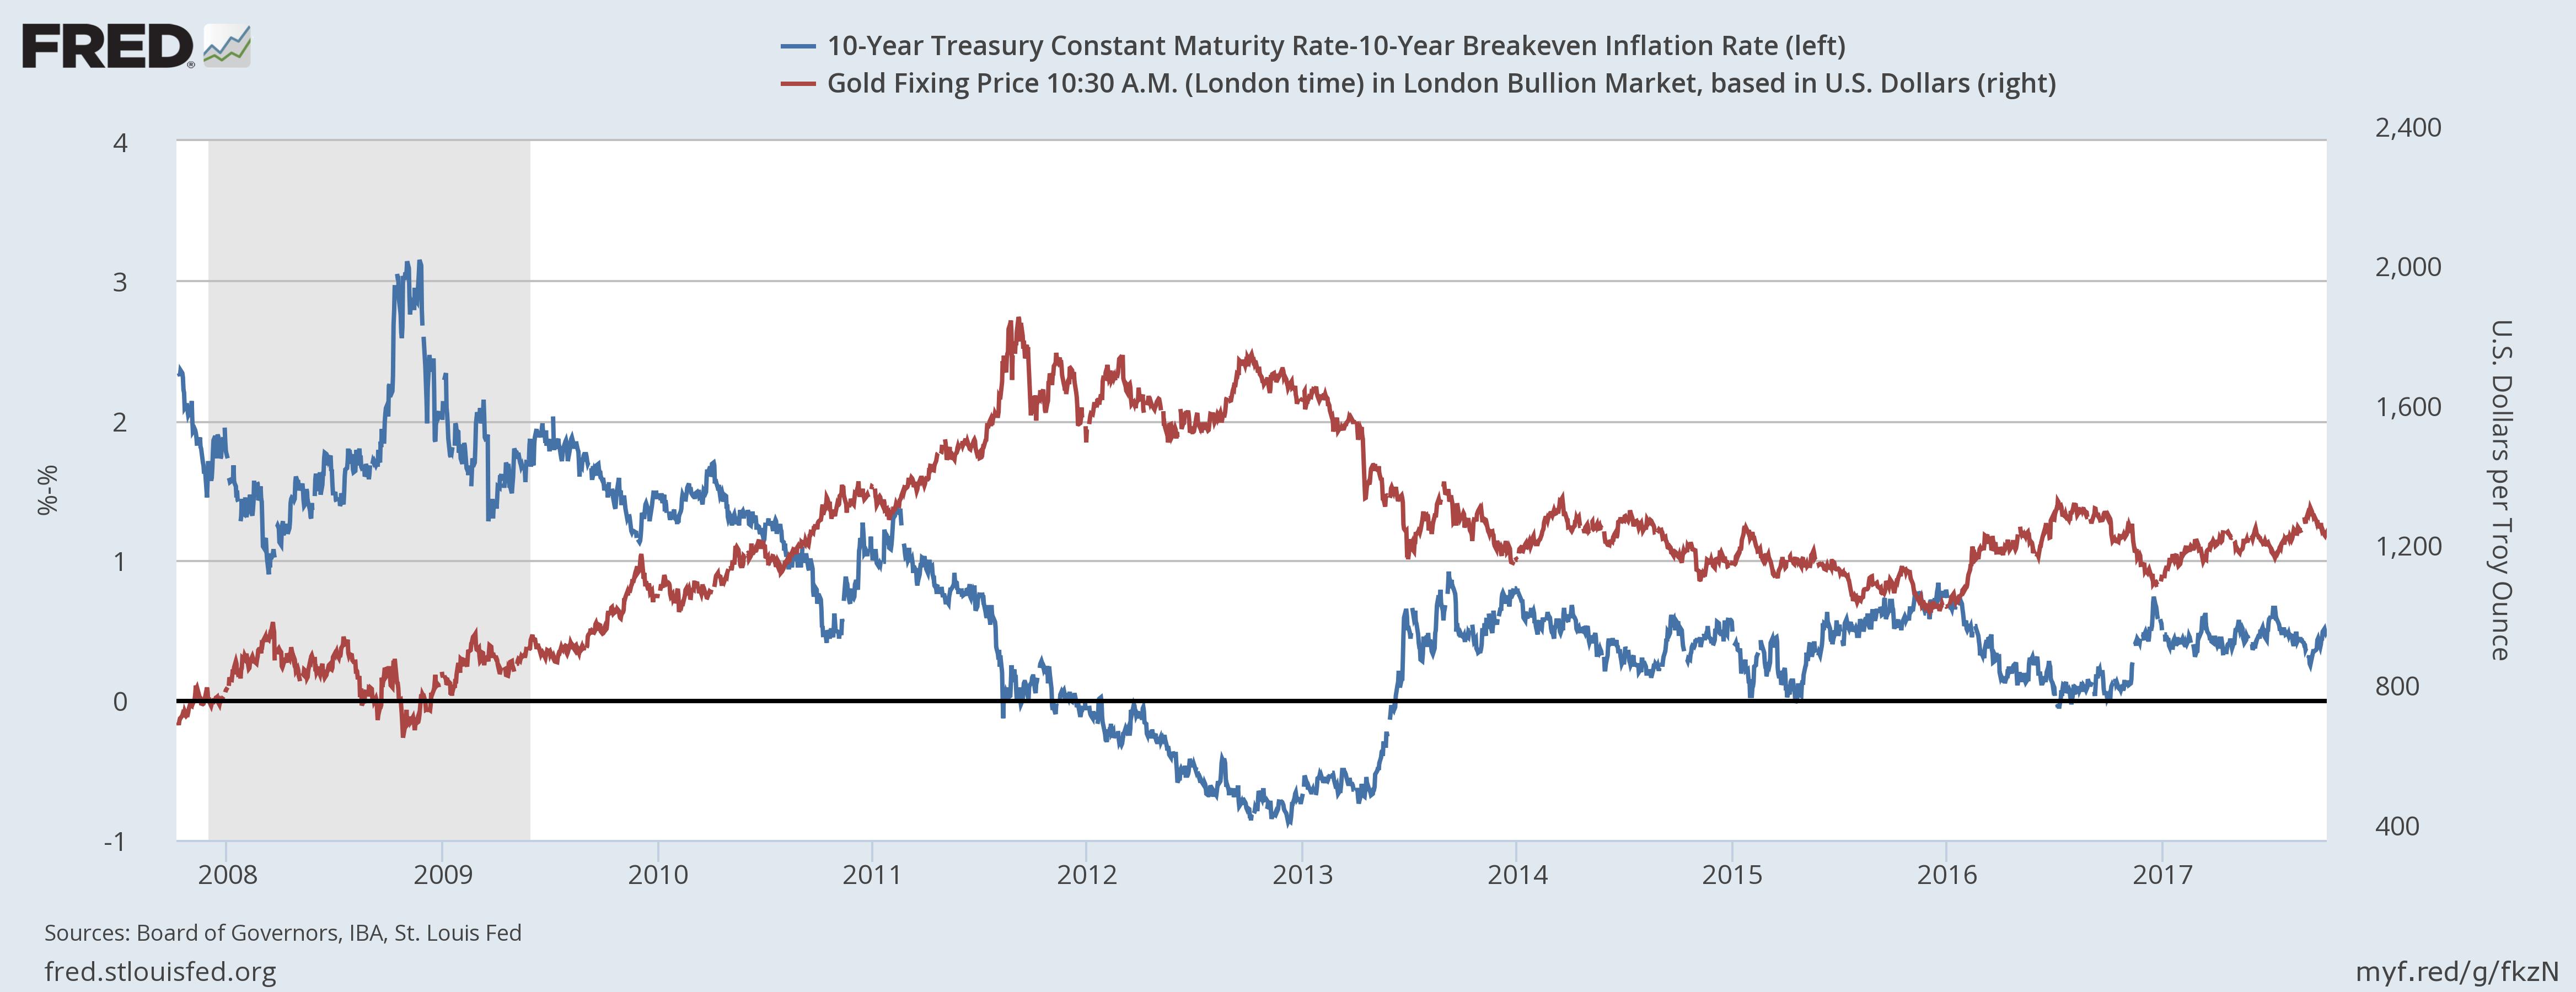 金と実質金利の推移と相関性